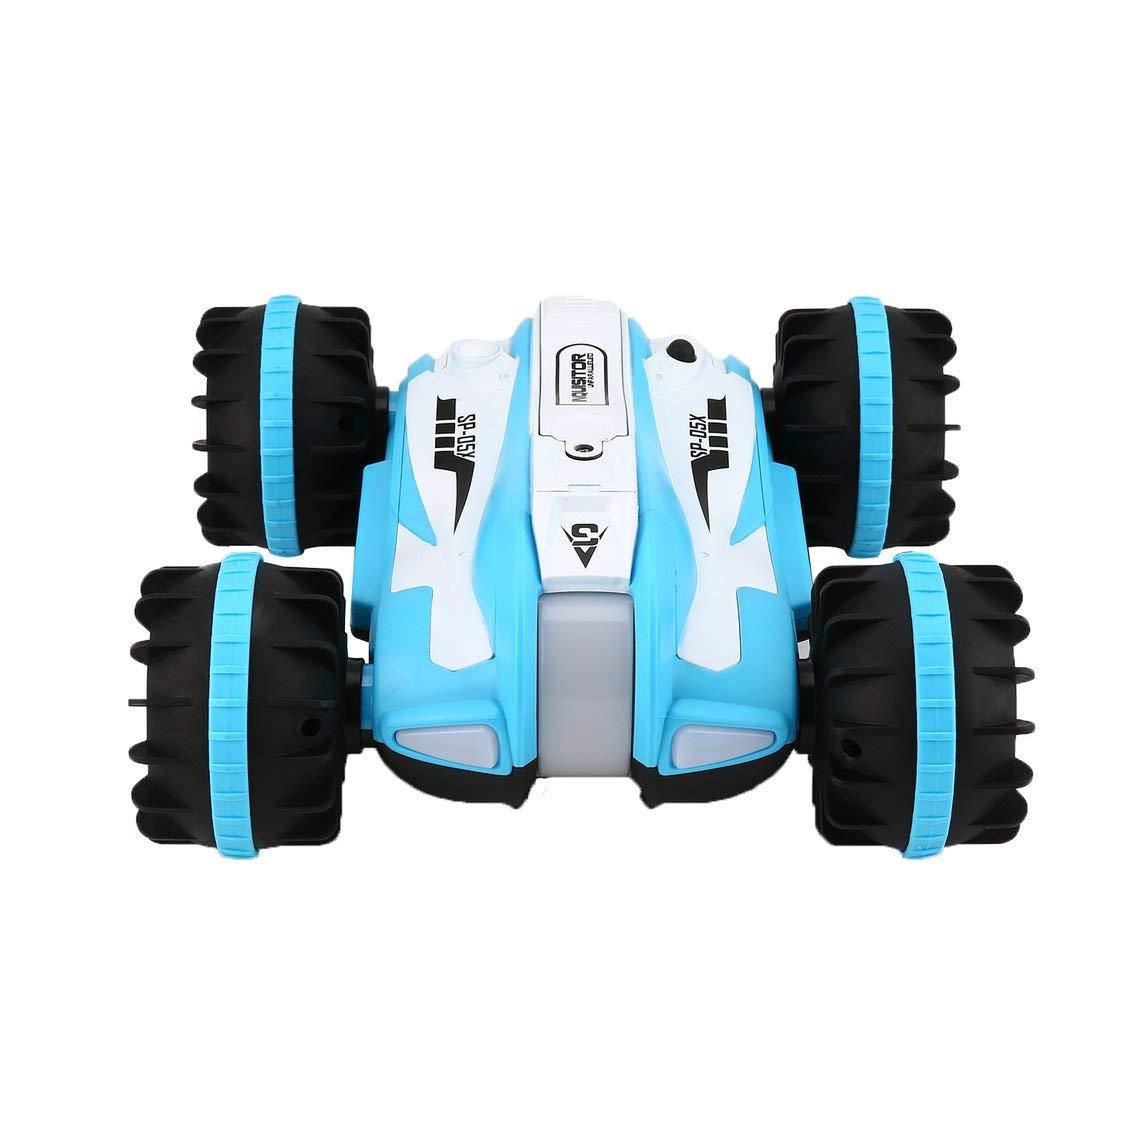 Footprintes YED 1804 1:12 2,4 GHz 10 km / h Amphibien Stunt RC Auto 360 Grad Rotation Fahrzeug RC Auto Spielzeug für Kinder Geschenk